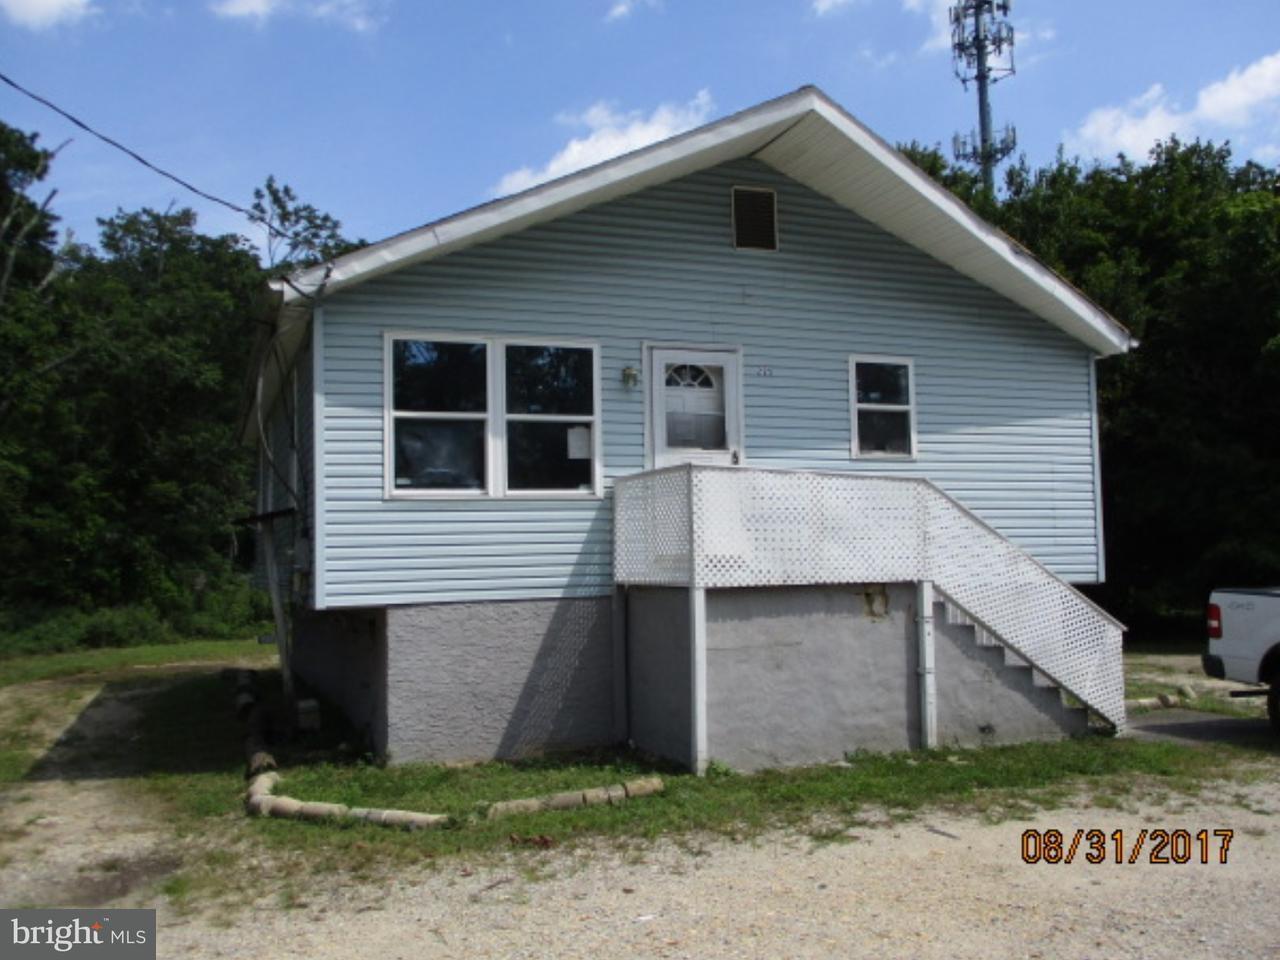 Maison unifamiliale pour l Vente à 217 WHITE HORSE PIKE Chesilhurst, New Jersey 08089 États-Unis